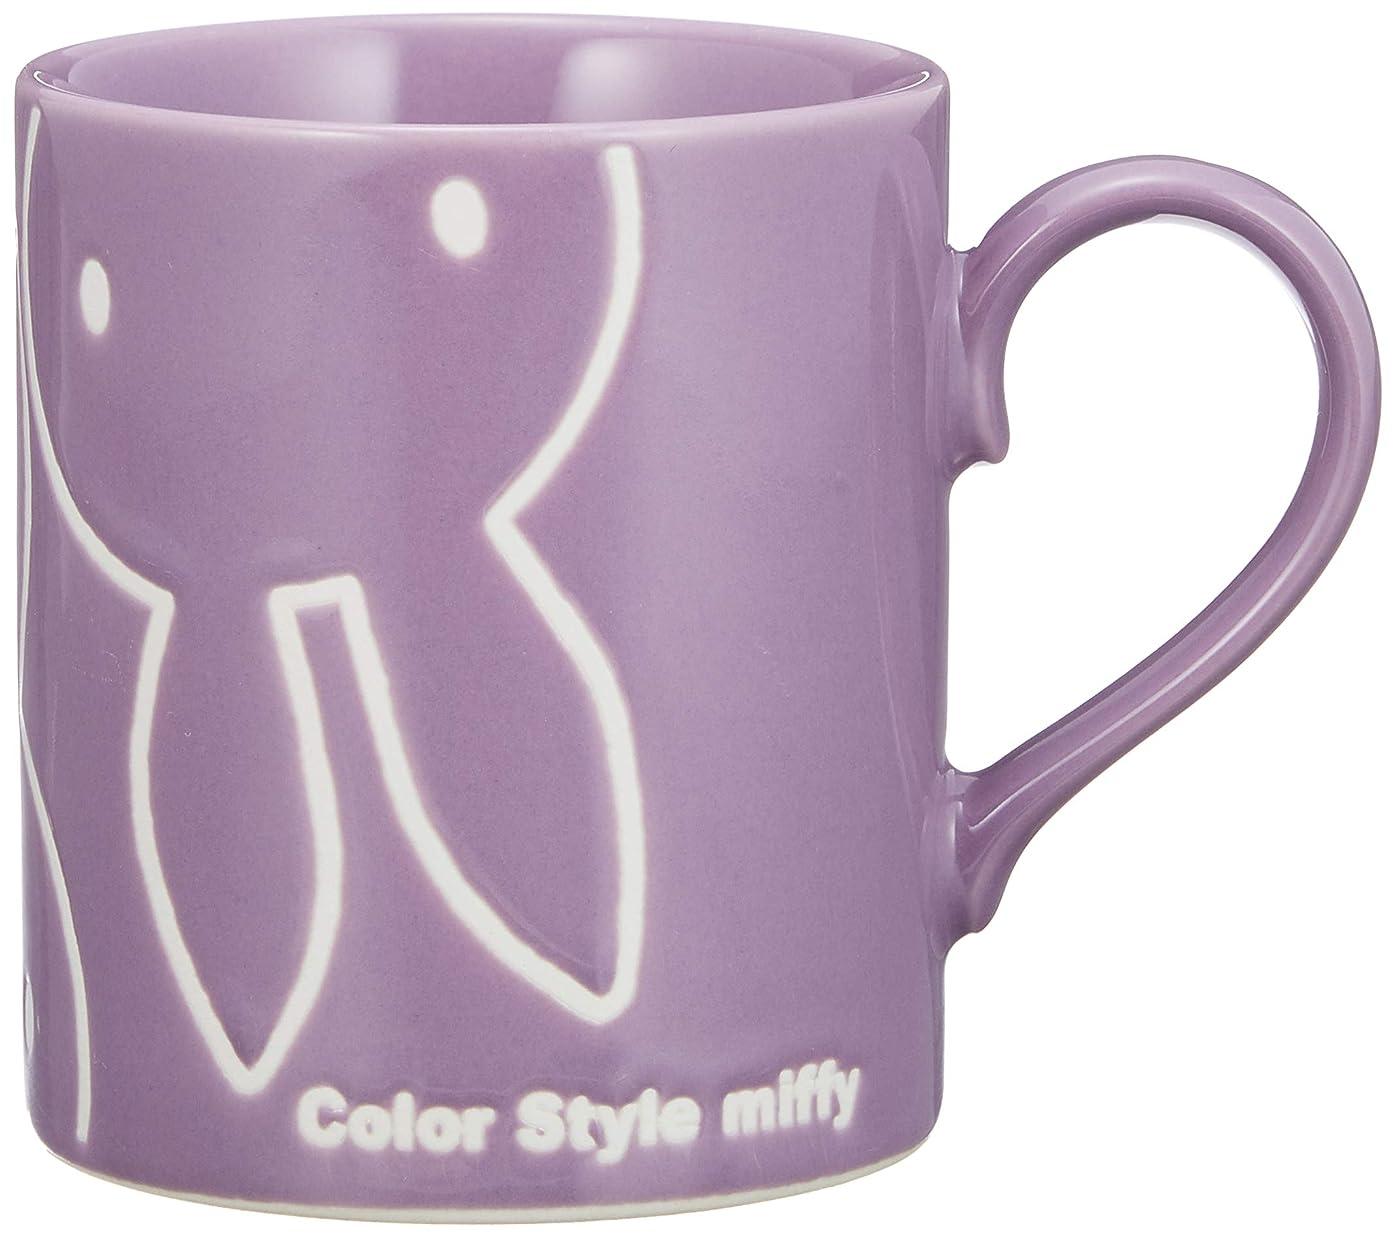 排泄するお金一方、ミッフィー Color Style 撥水 マグ パープル 208166